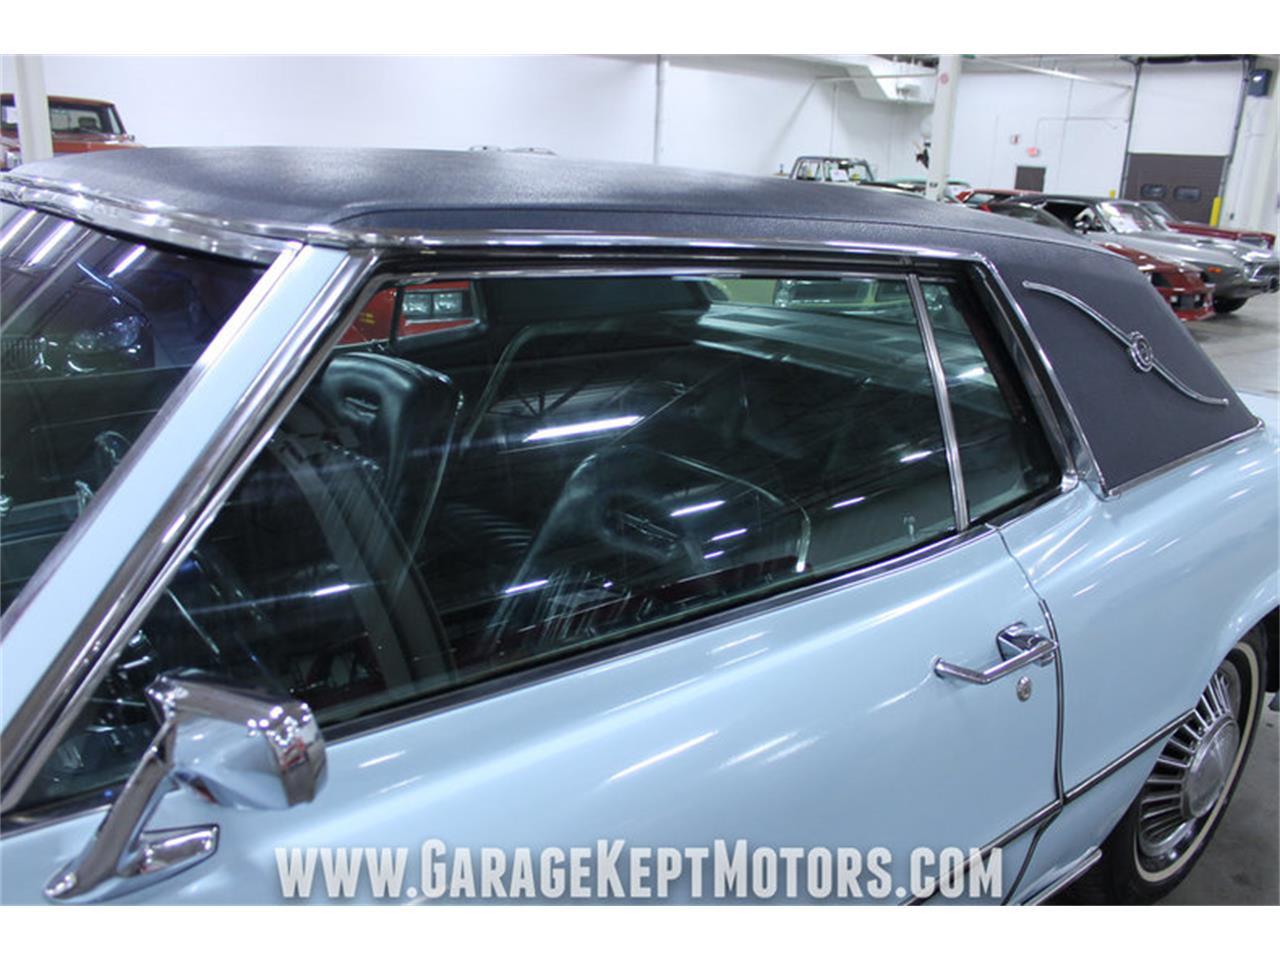 Large Picture of 1967 Thunderbird 2-Door Landau located in Michigan - $11,900.00 - LU7P